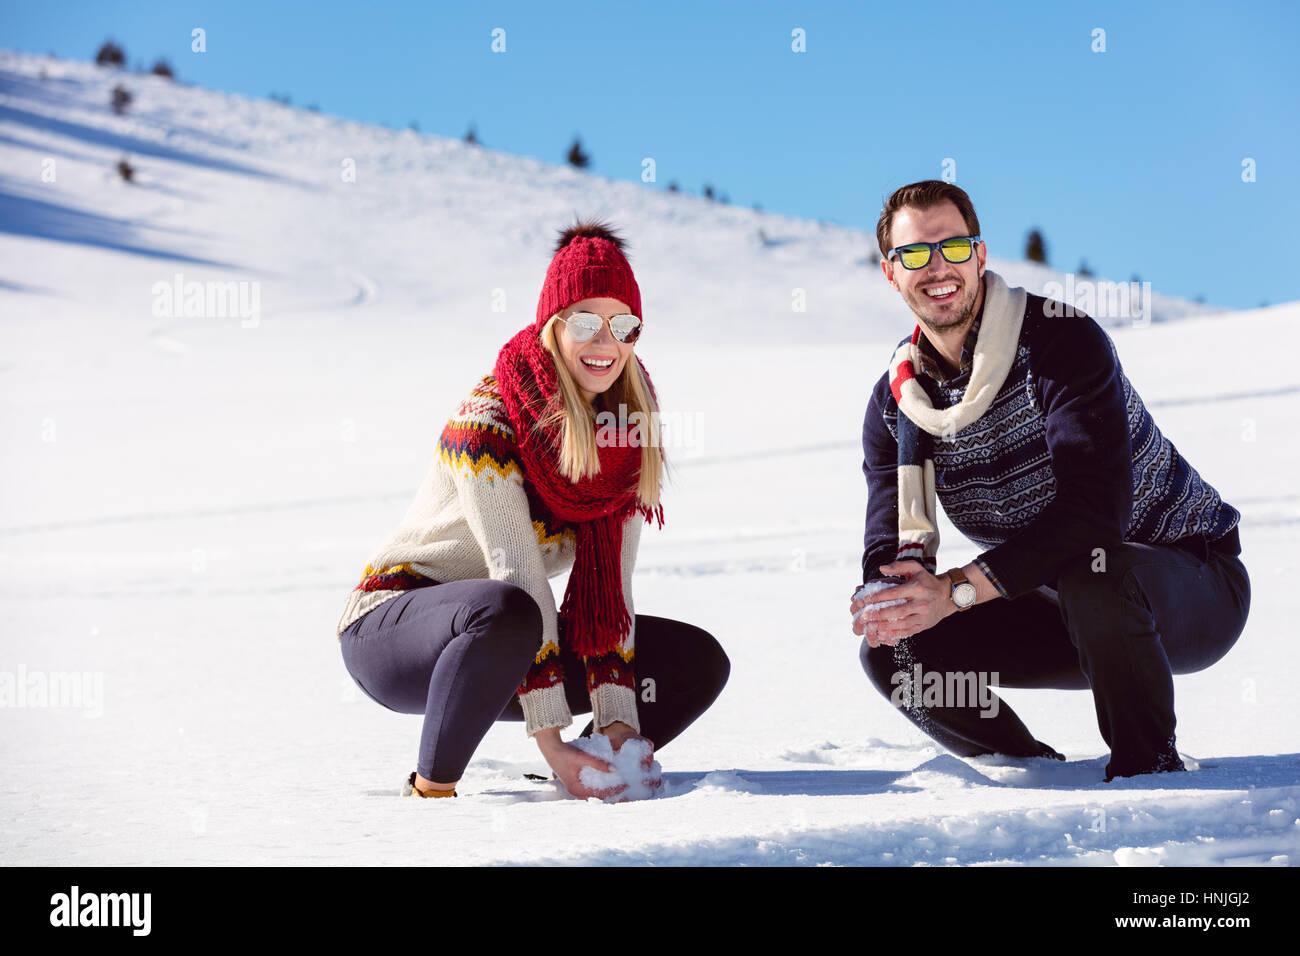 Schneeballschlacht. Winter-Paare, die Spaß im Schnee im Freien spielen. Junge fröhliche multiethnische Stockbild